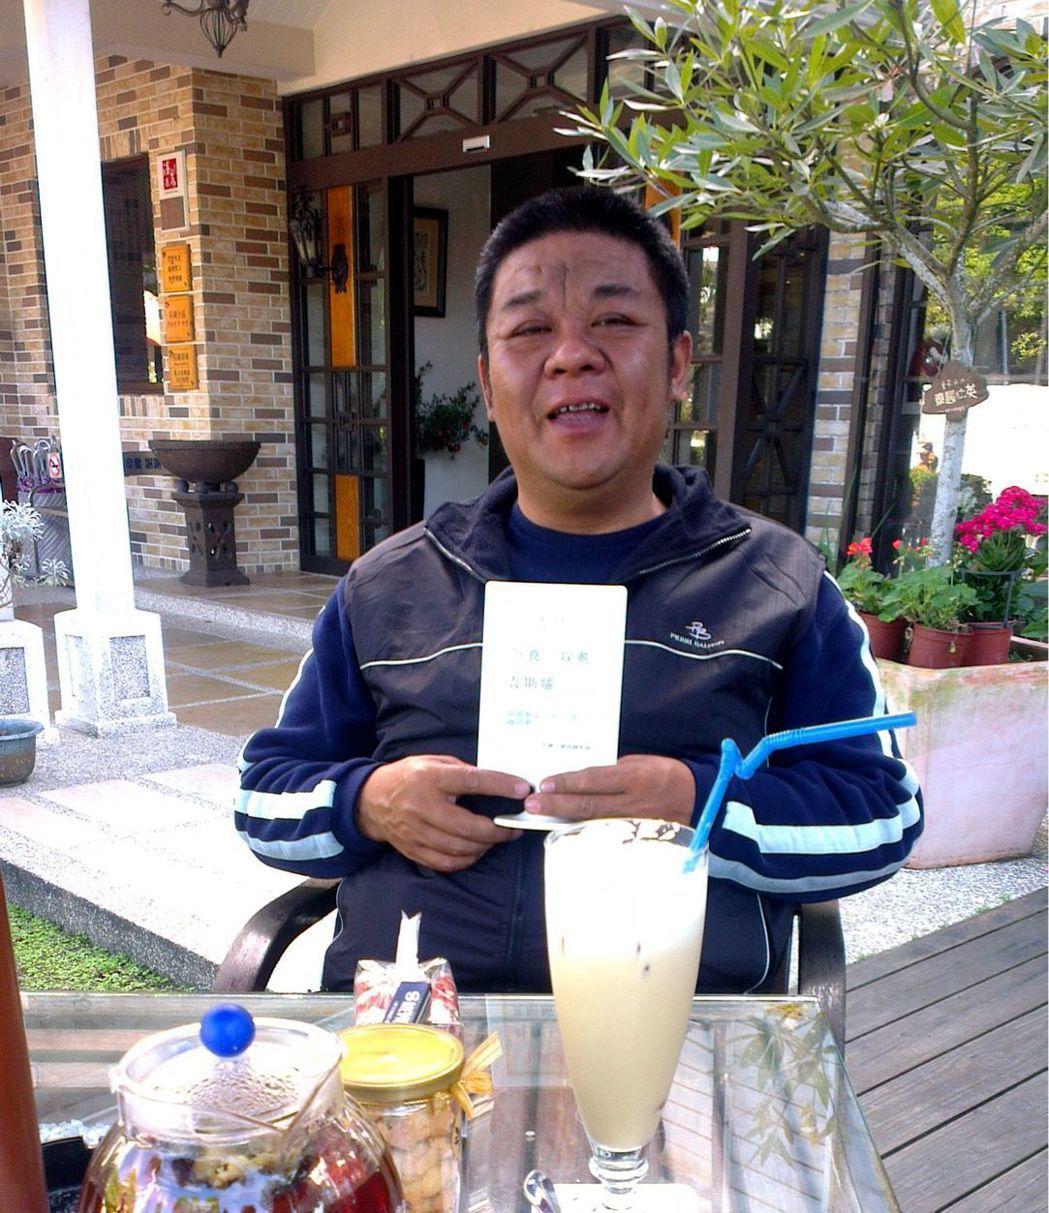 台南市警六分局鯤鯓派出所警員張展坤不幸驟逝,令同仁不捨。記者邵心杰/翻攝